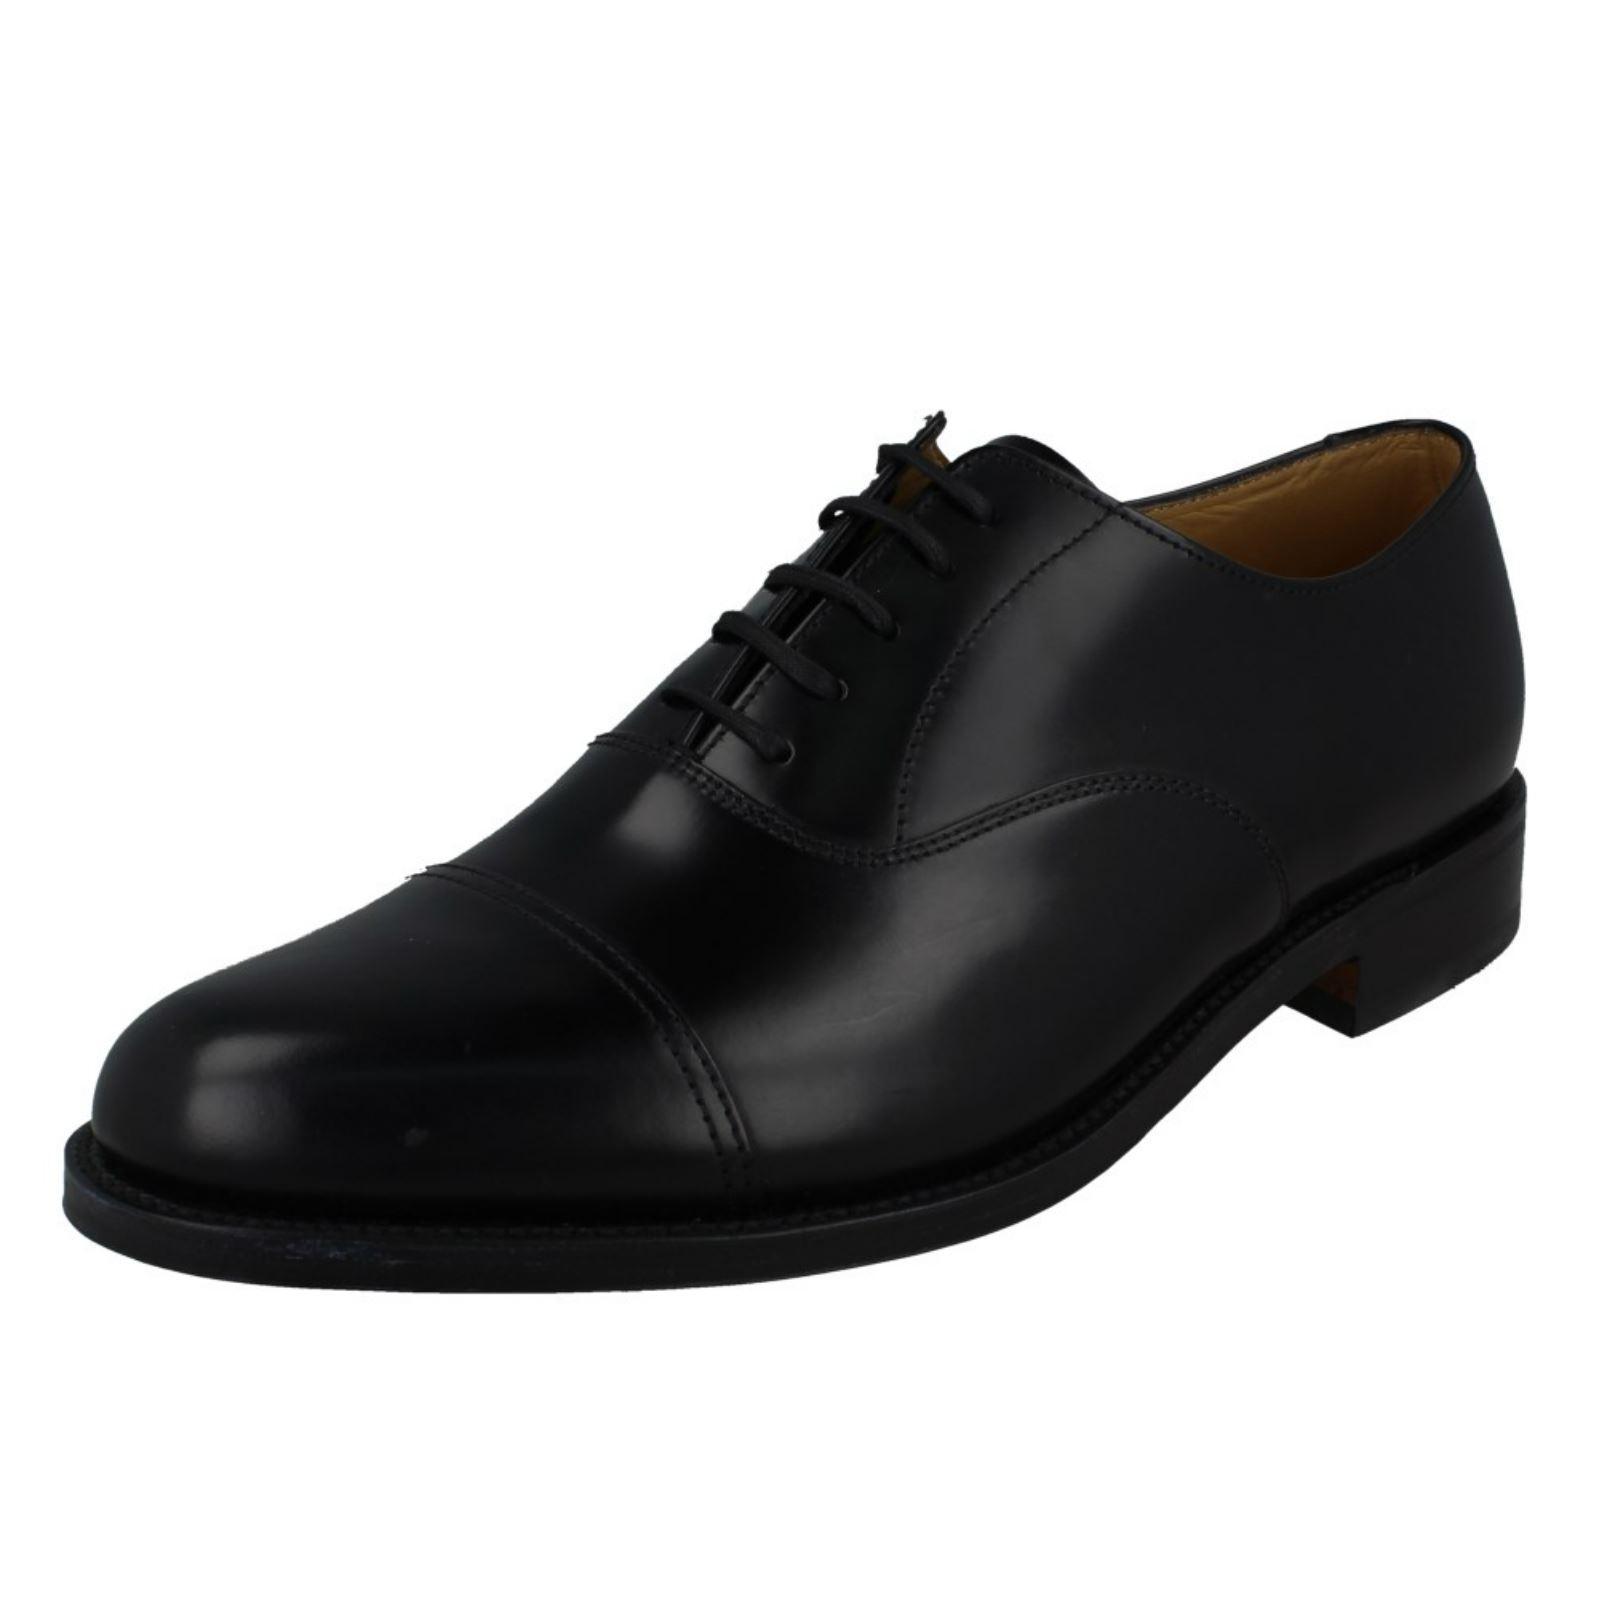 Mens Loake Polizzò le scarpe in pelle  intelligenti - Elland  nuovo stile